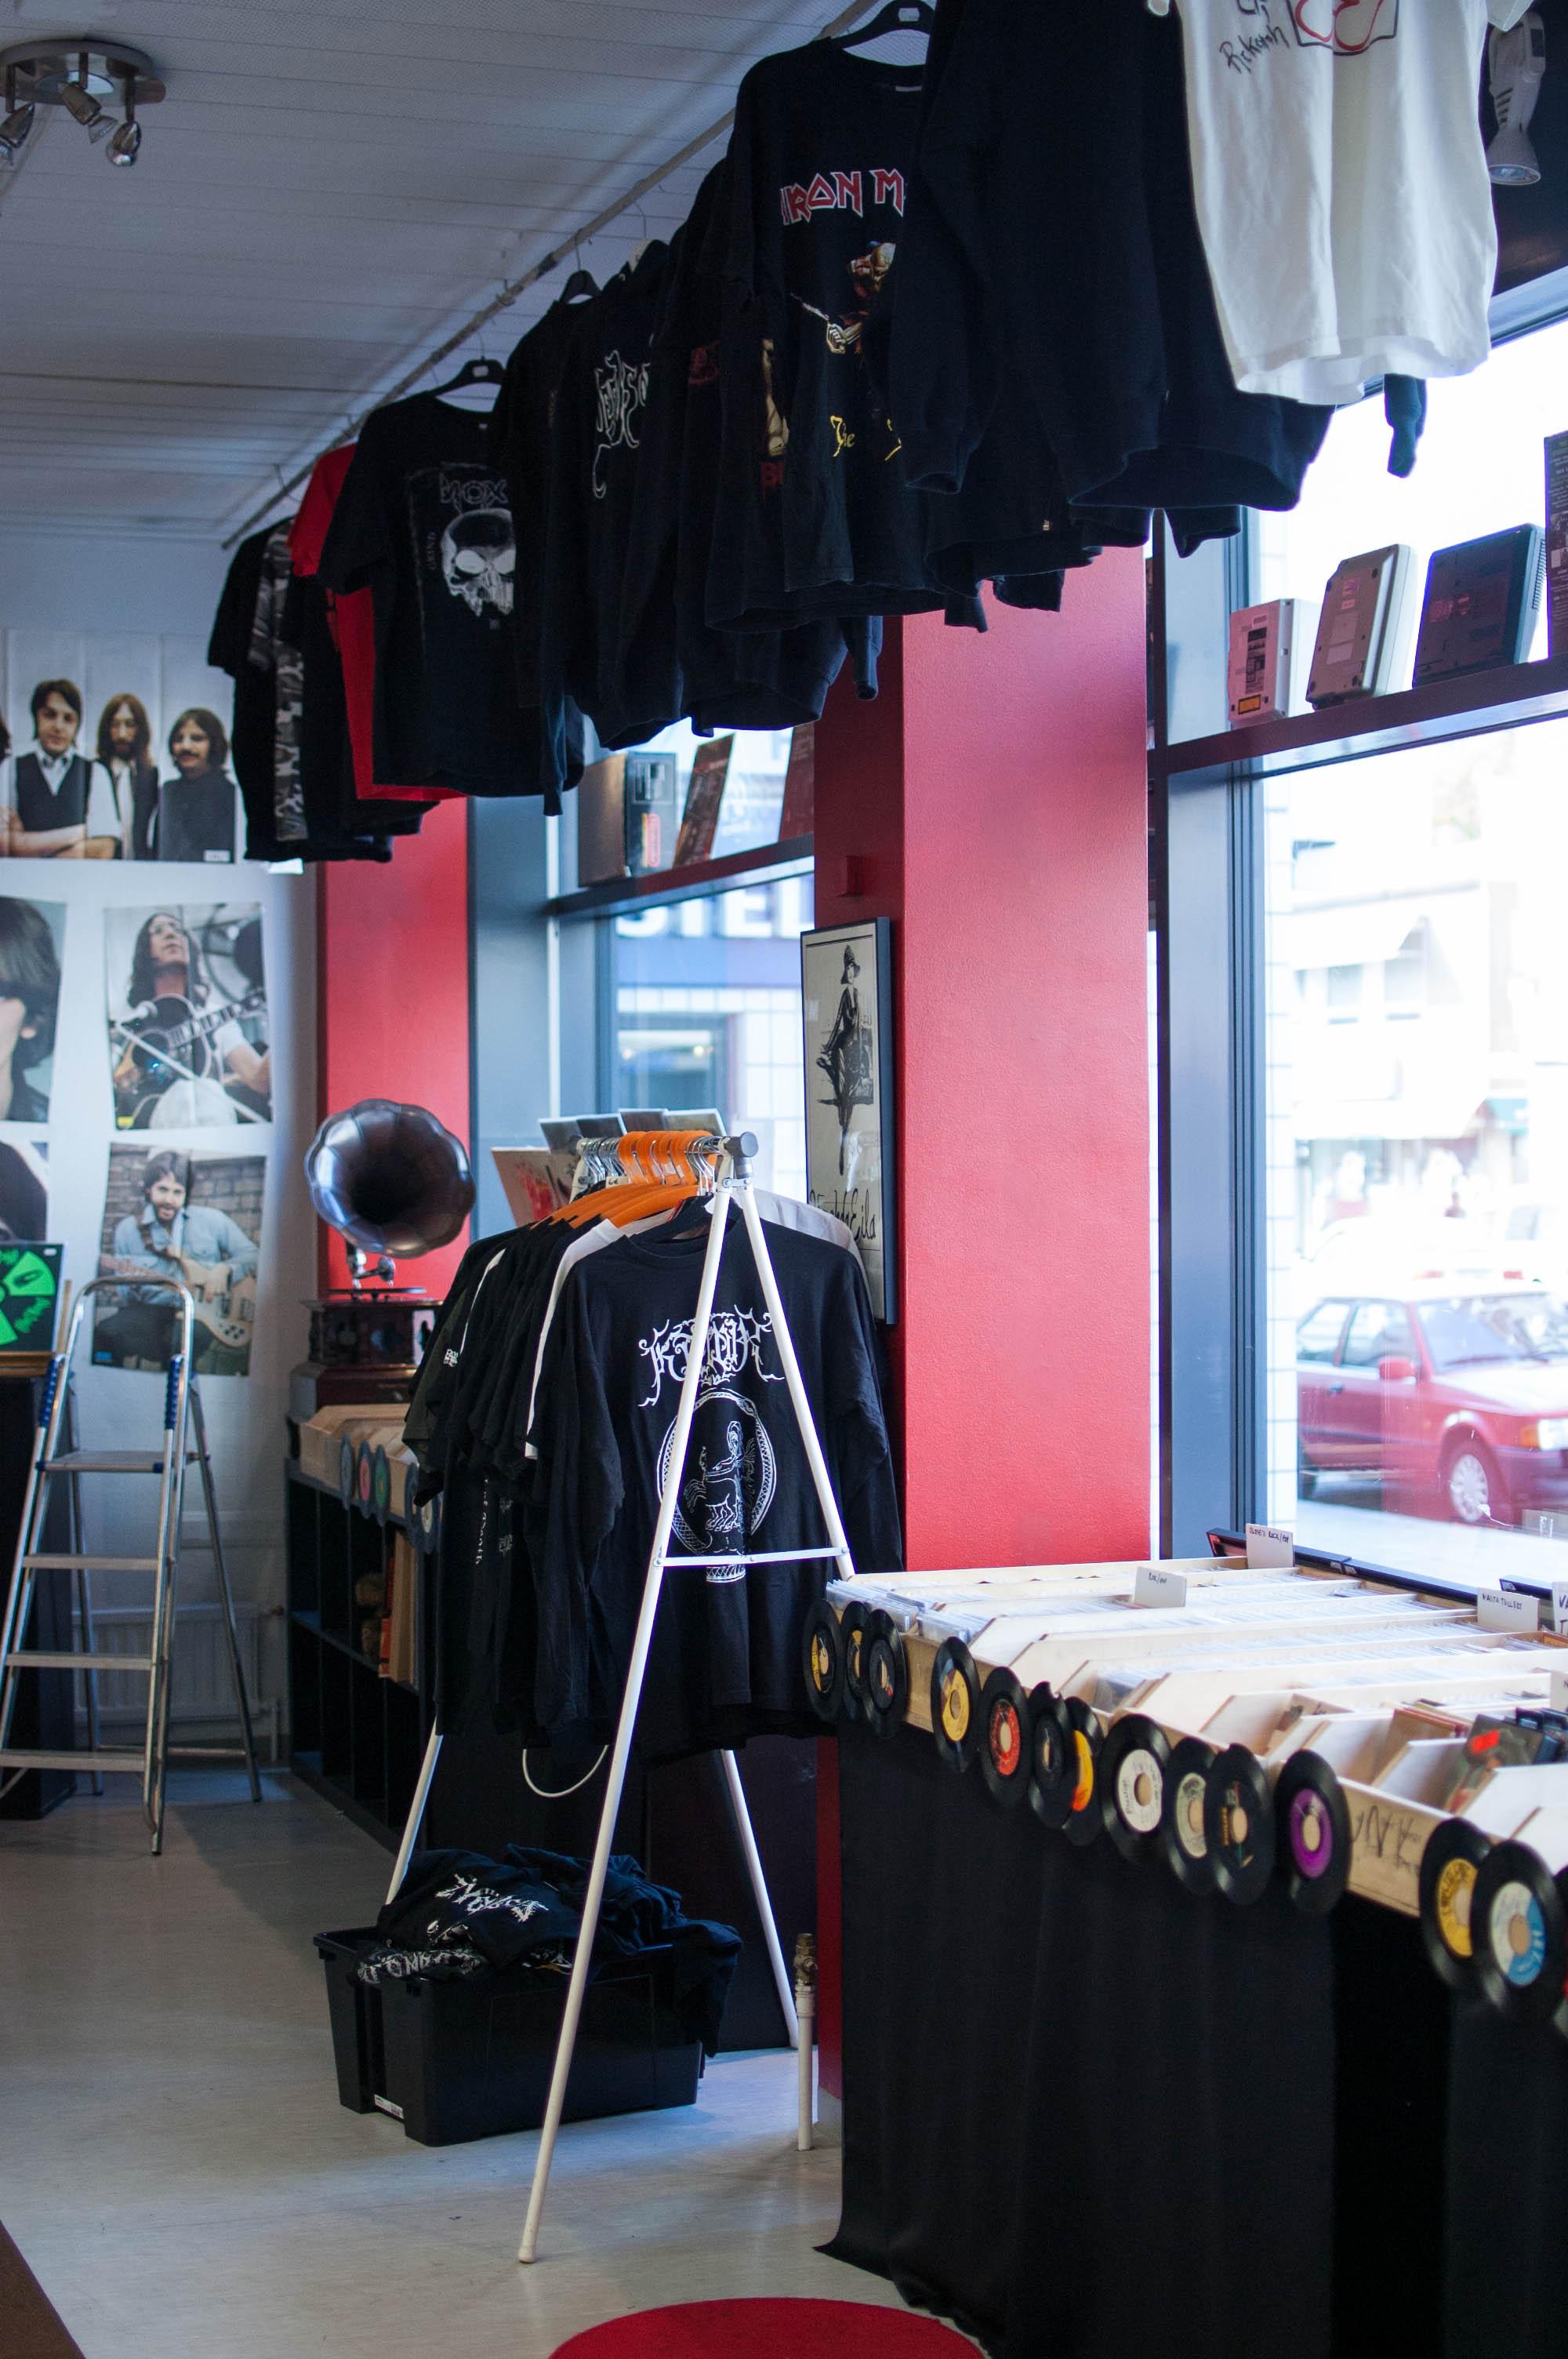 Kävely levykauppojen Turussa | Rosvot